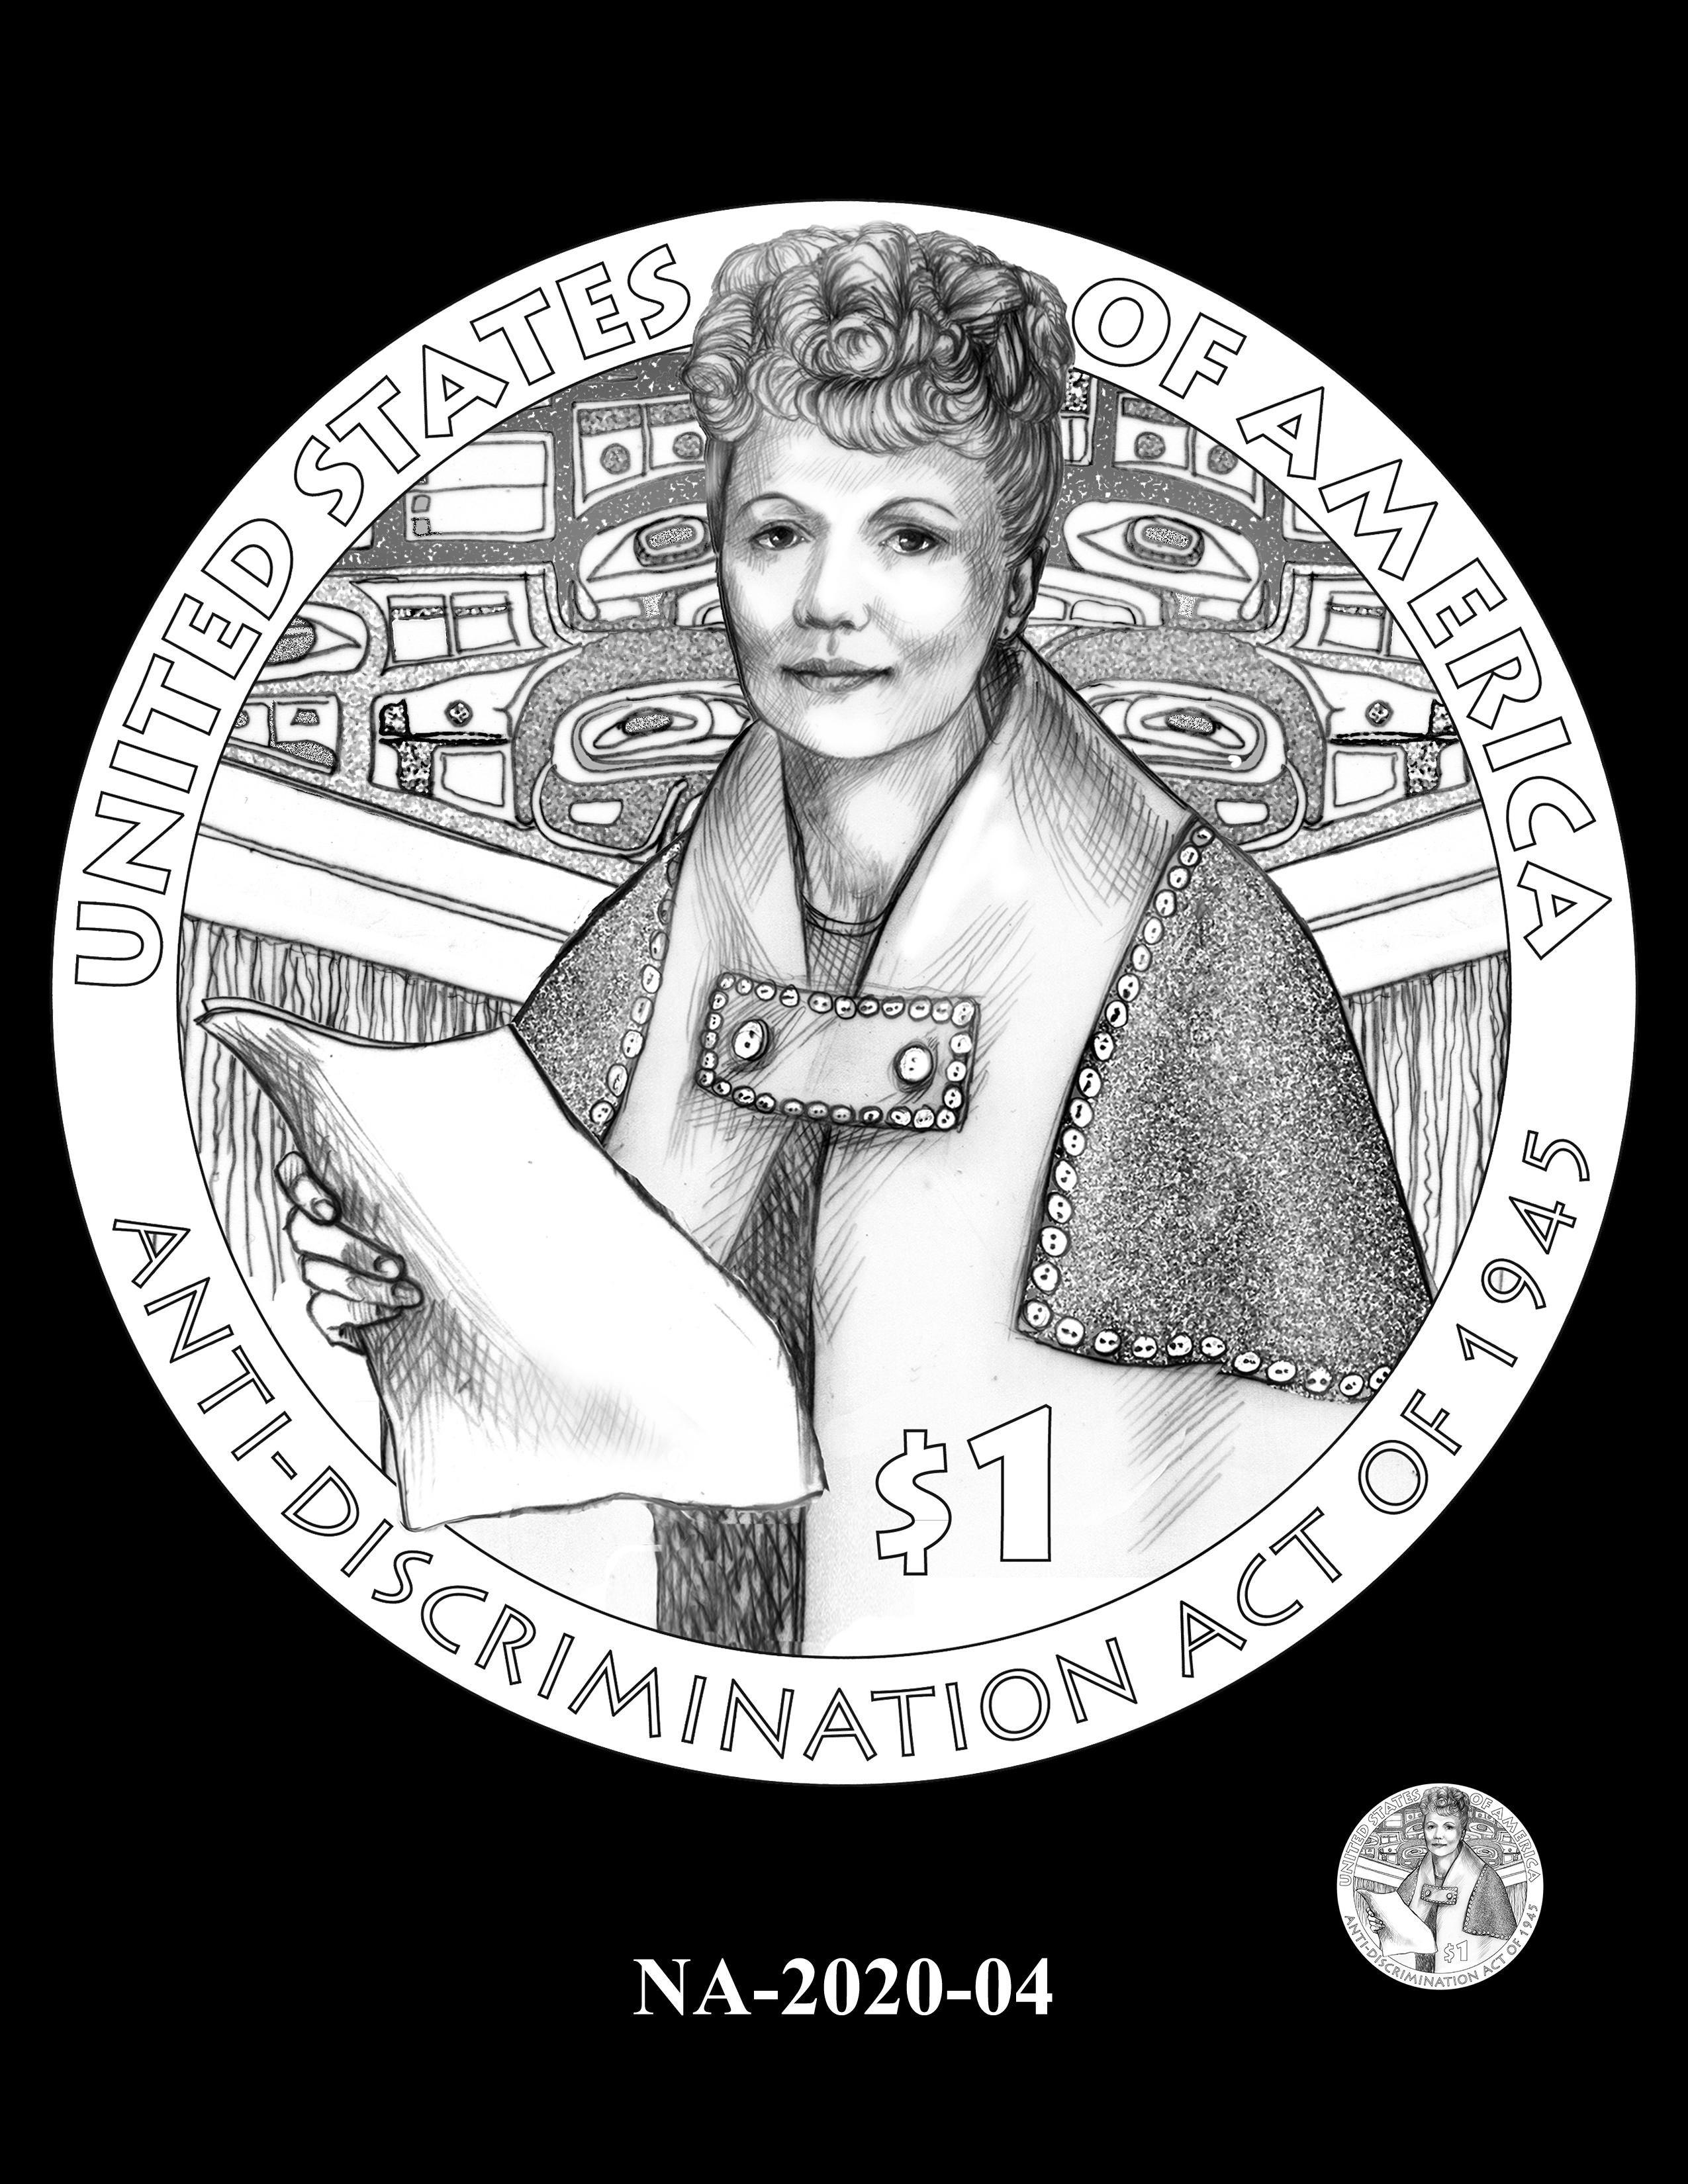 NA-2020-04 --2020 Native American $1 Coin